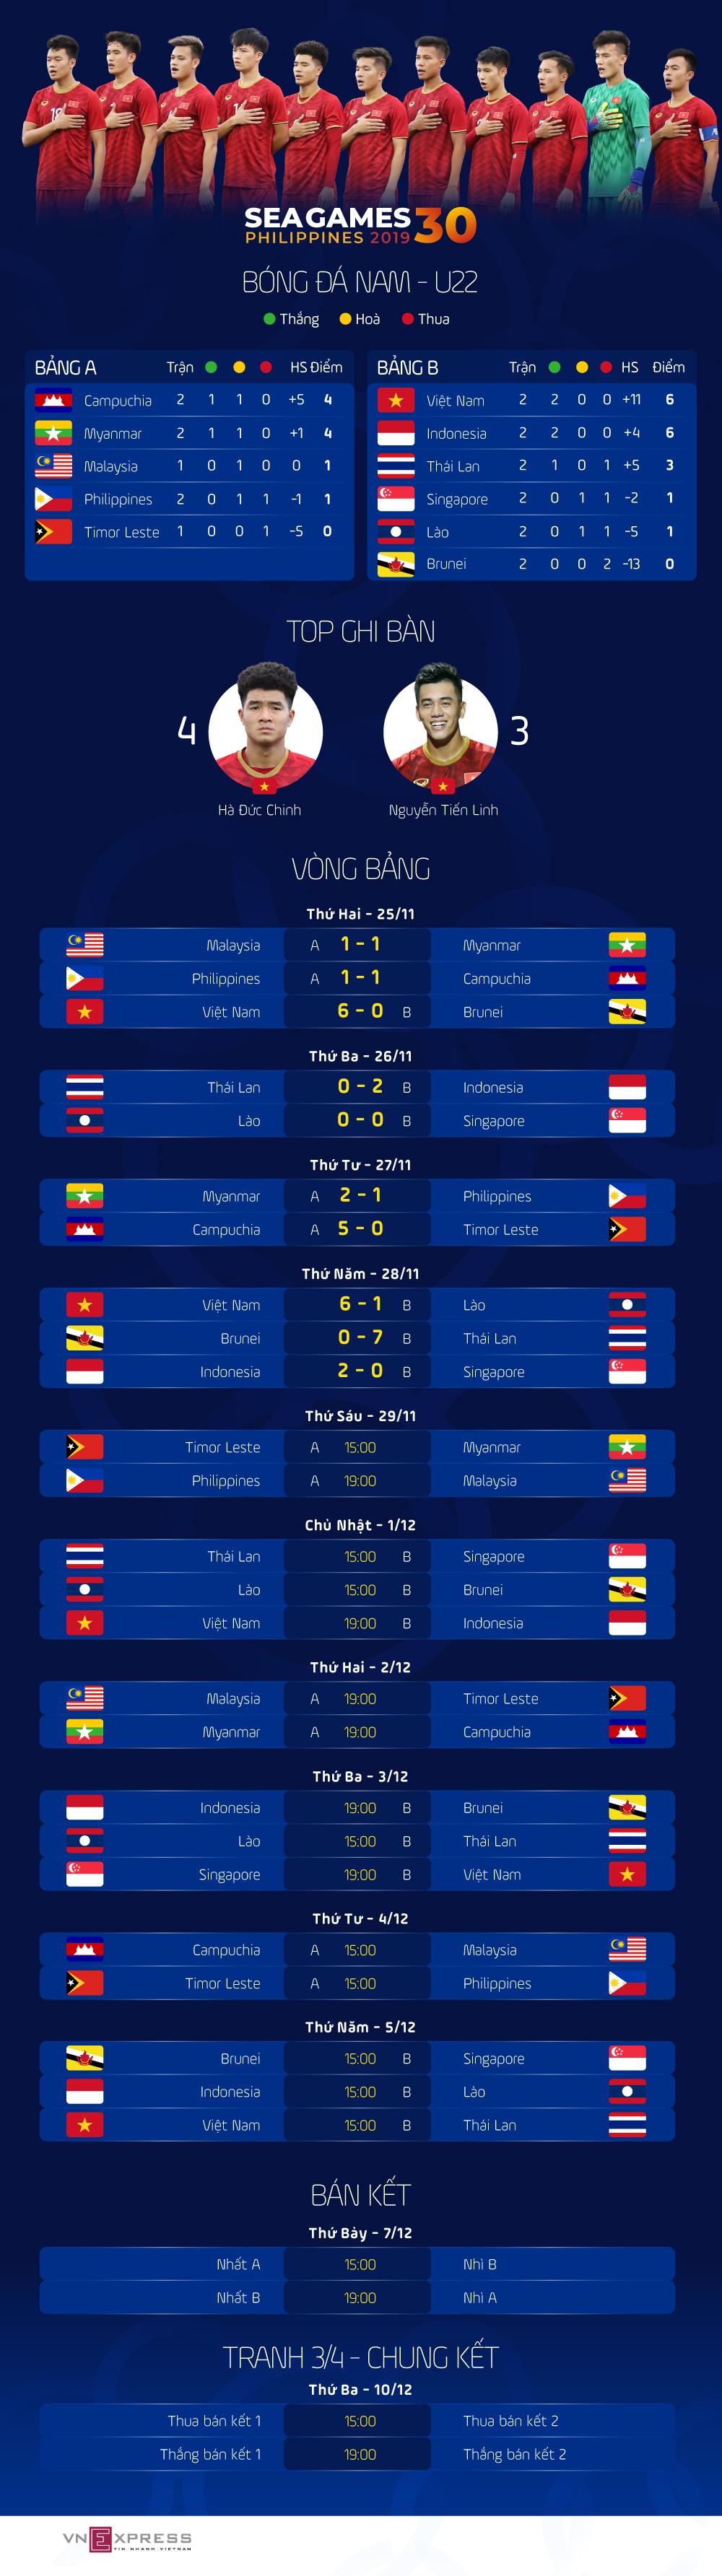 Lịch đấu và bảng điểm bóng đá SEA Games 2019